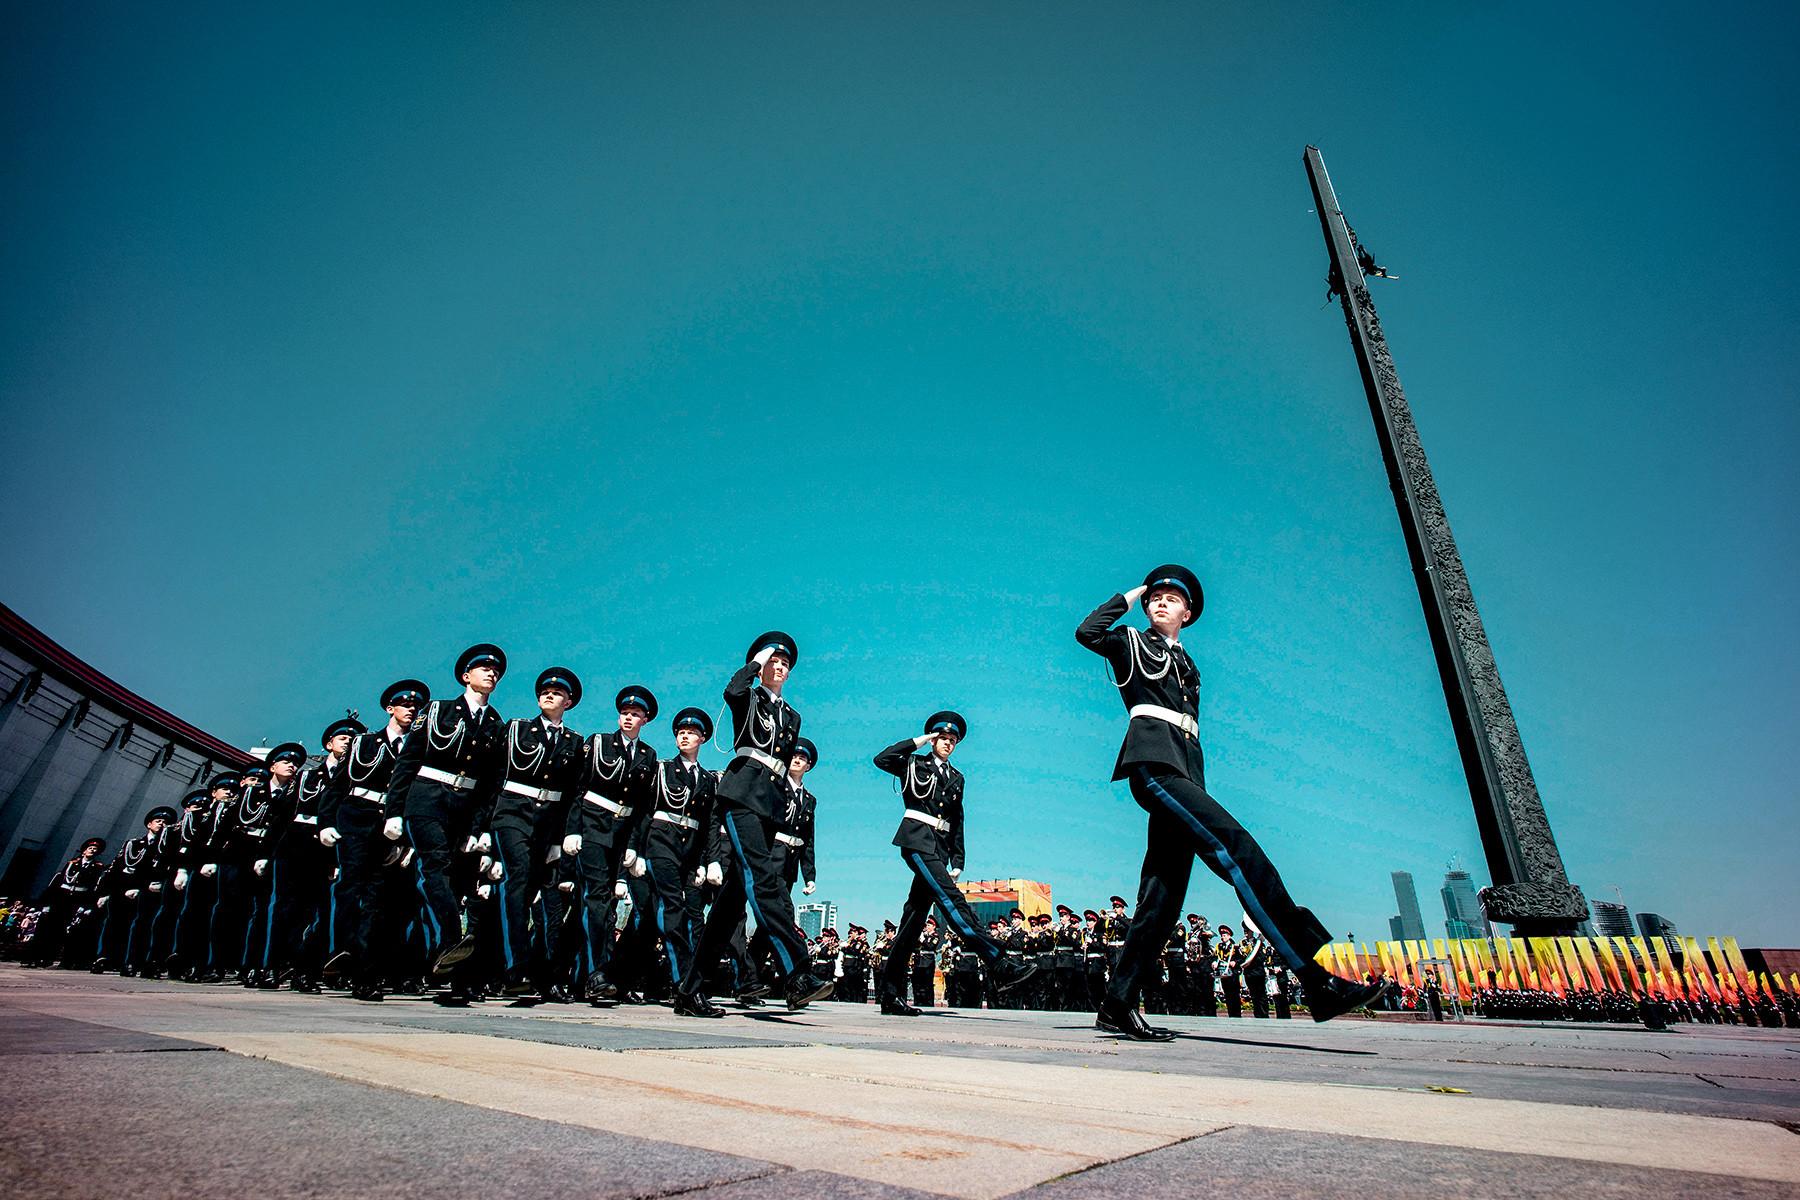 Monumento (na Praça) da Vitória, Moscou